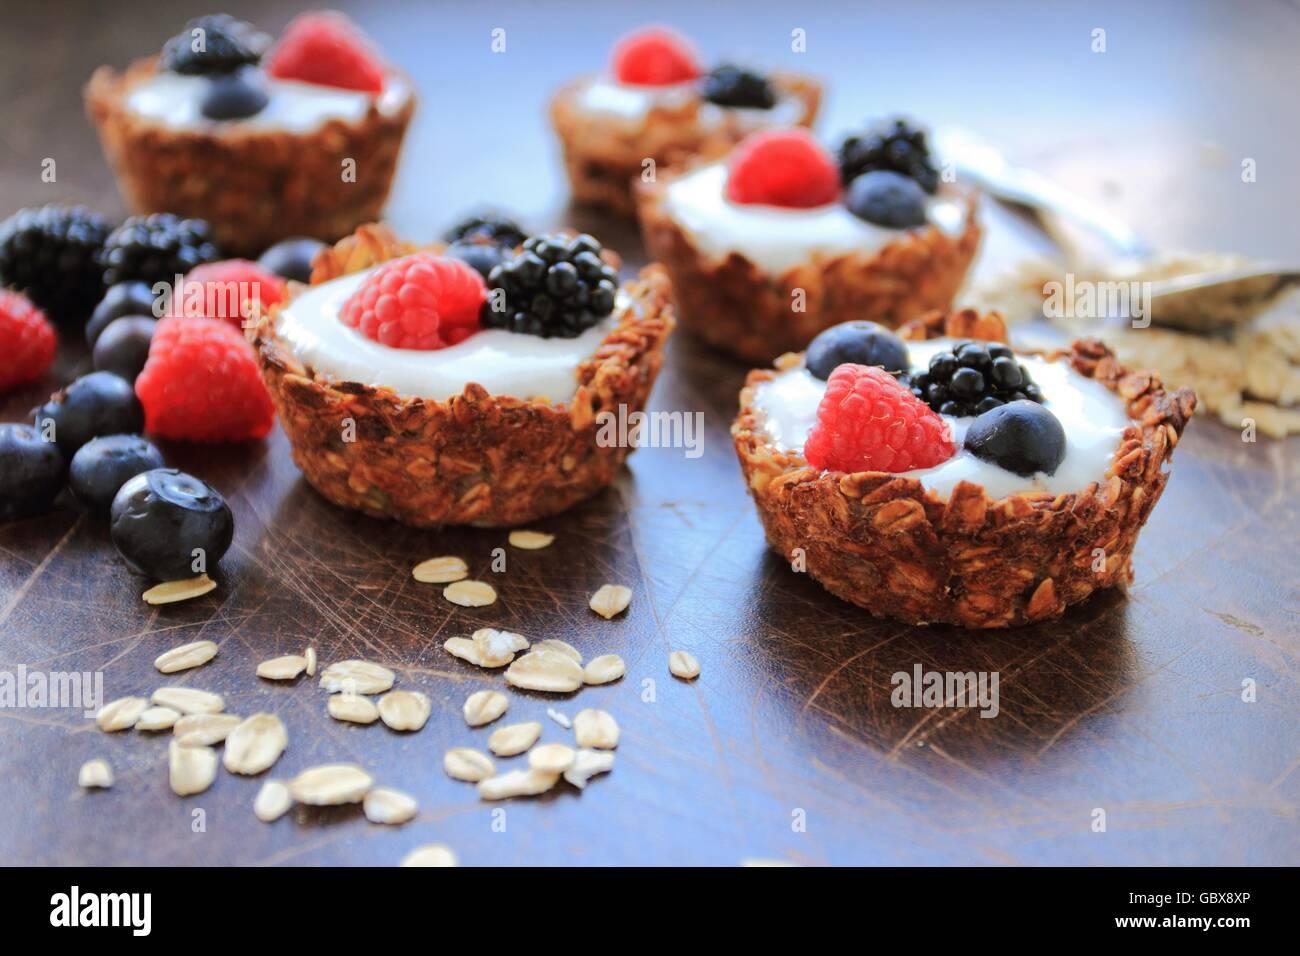 Galletas caseras de avena con frutas frescas Imagen De Stock